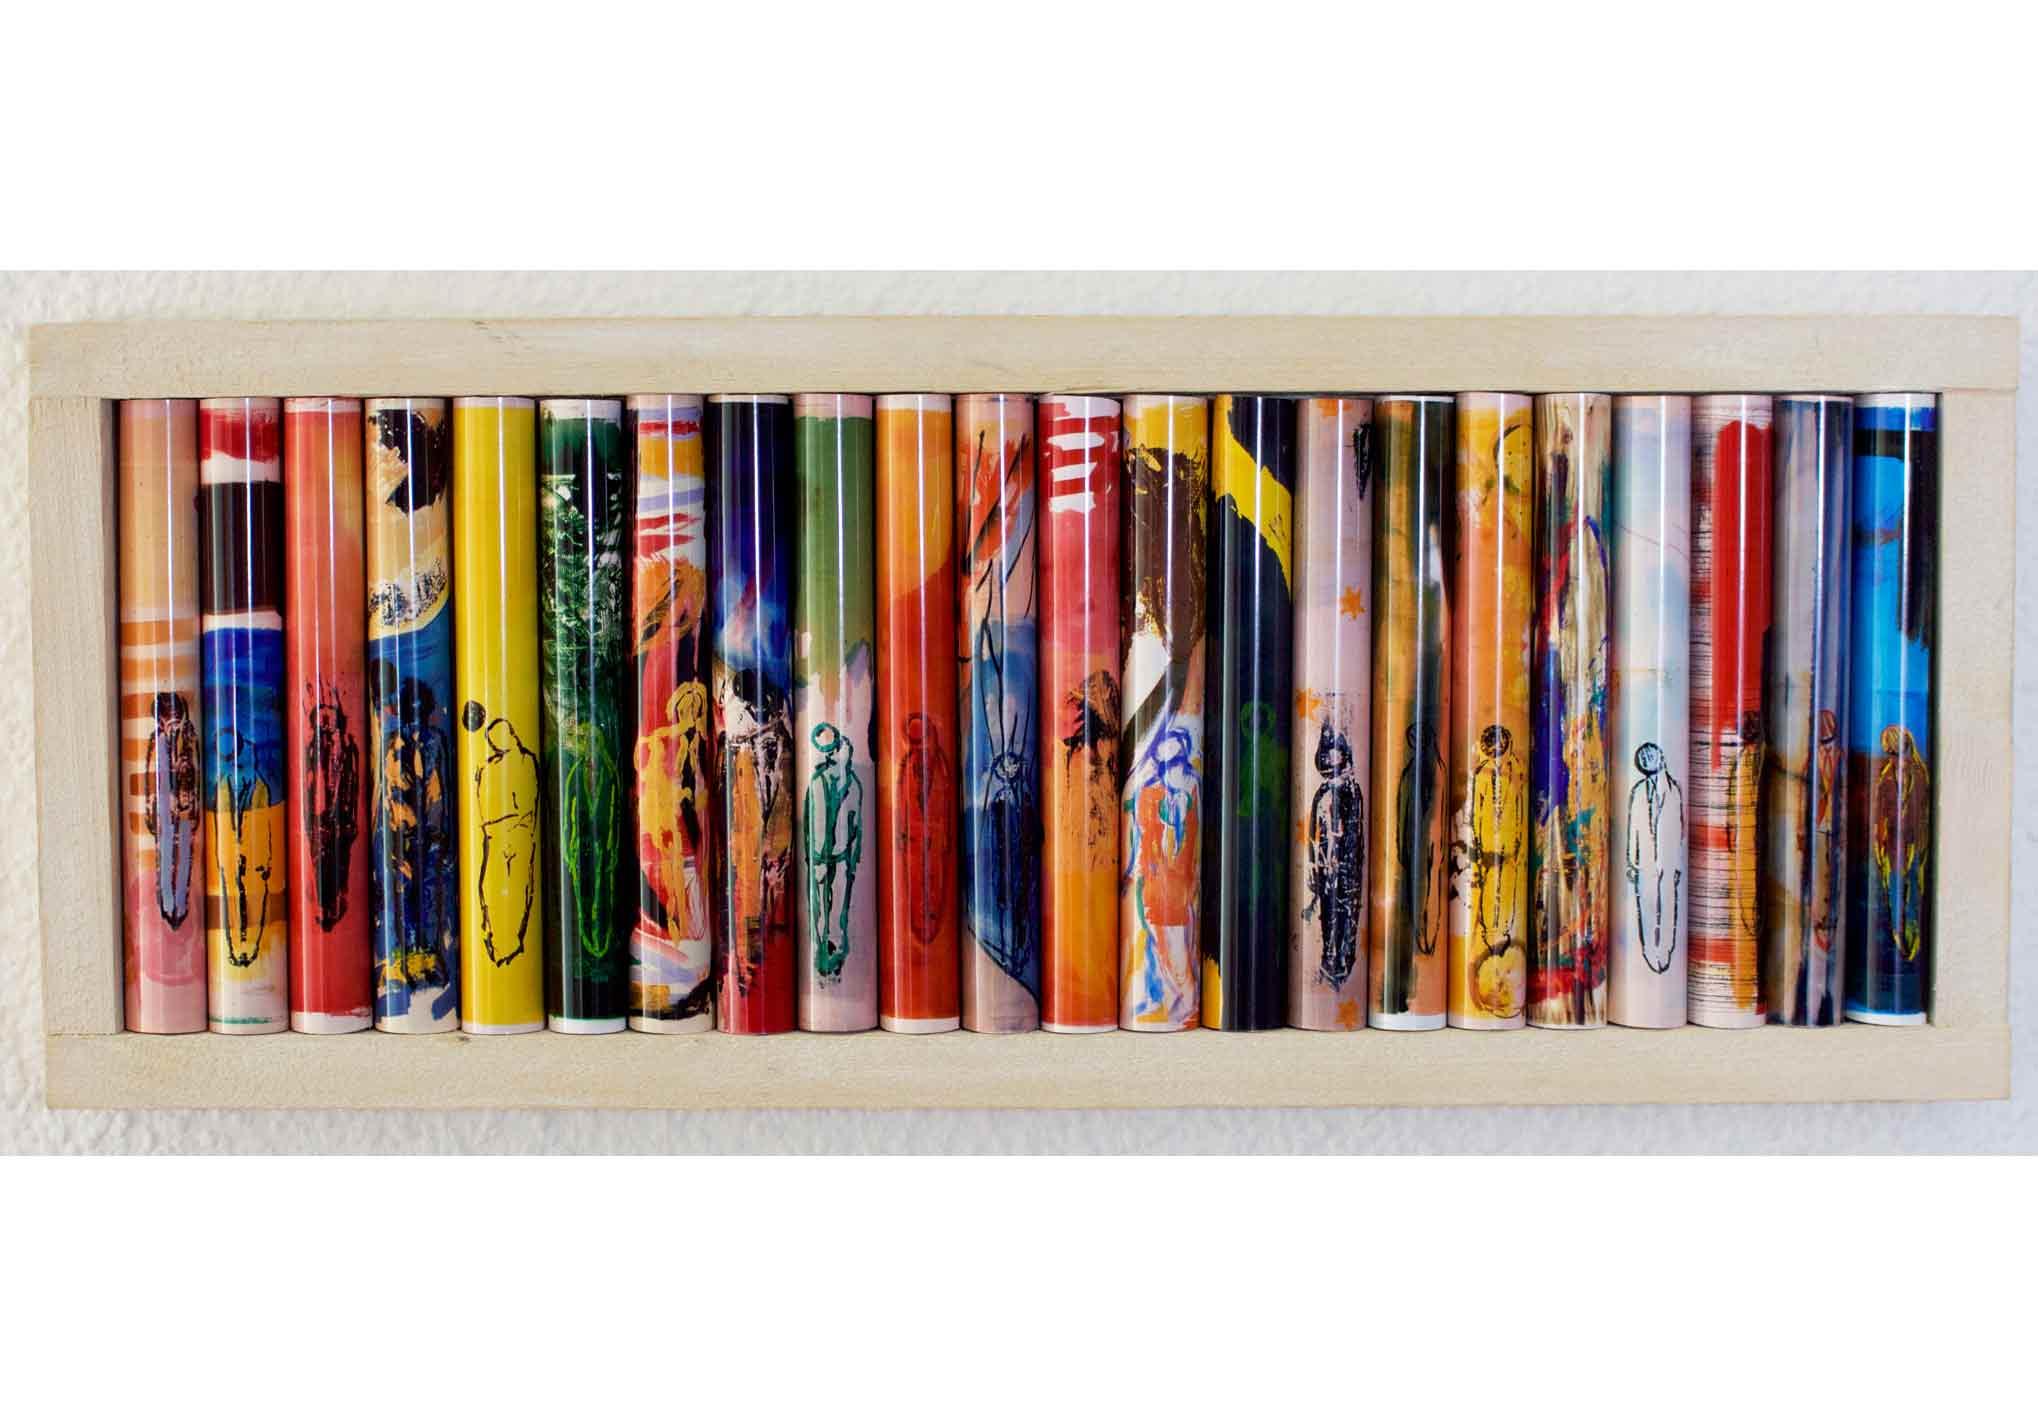 MT-Galerie-Zygmunt-Blazejewski-Miniatur-Rollenbibliothek-Anima-Mundi_17-014